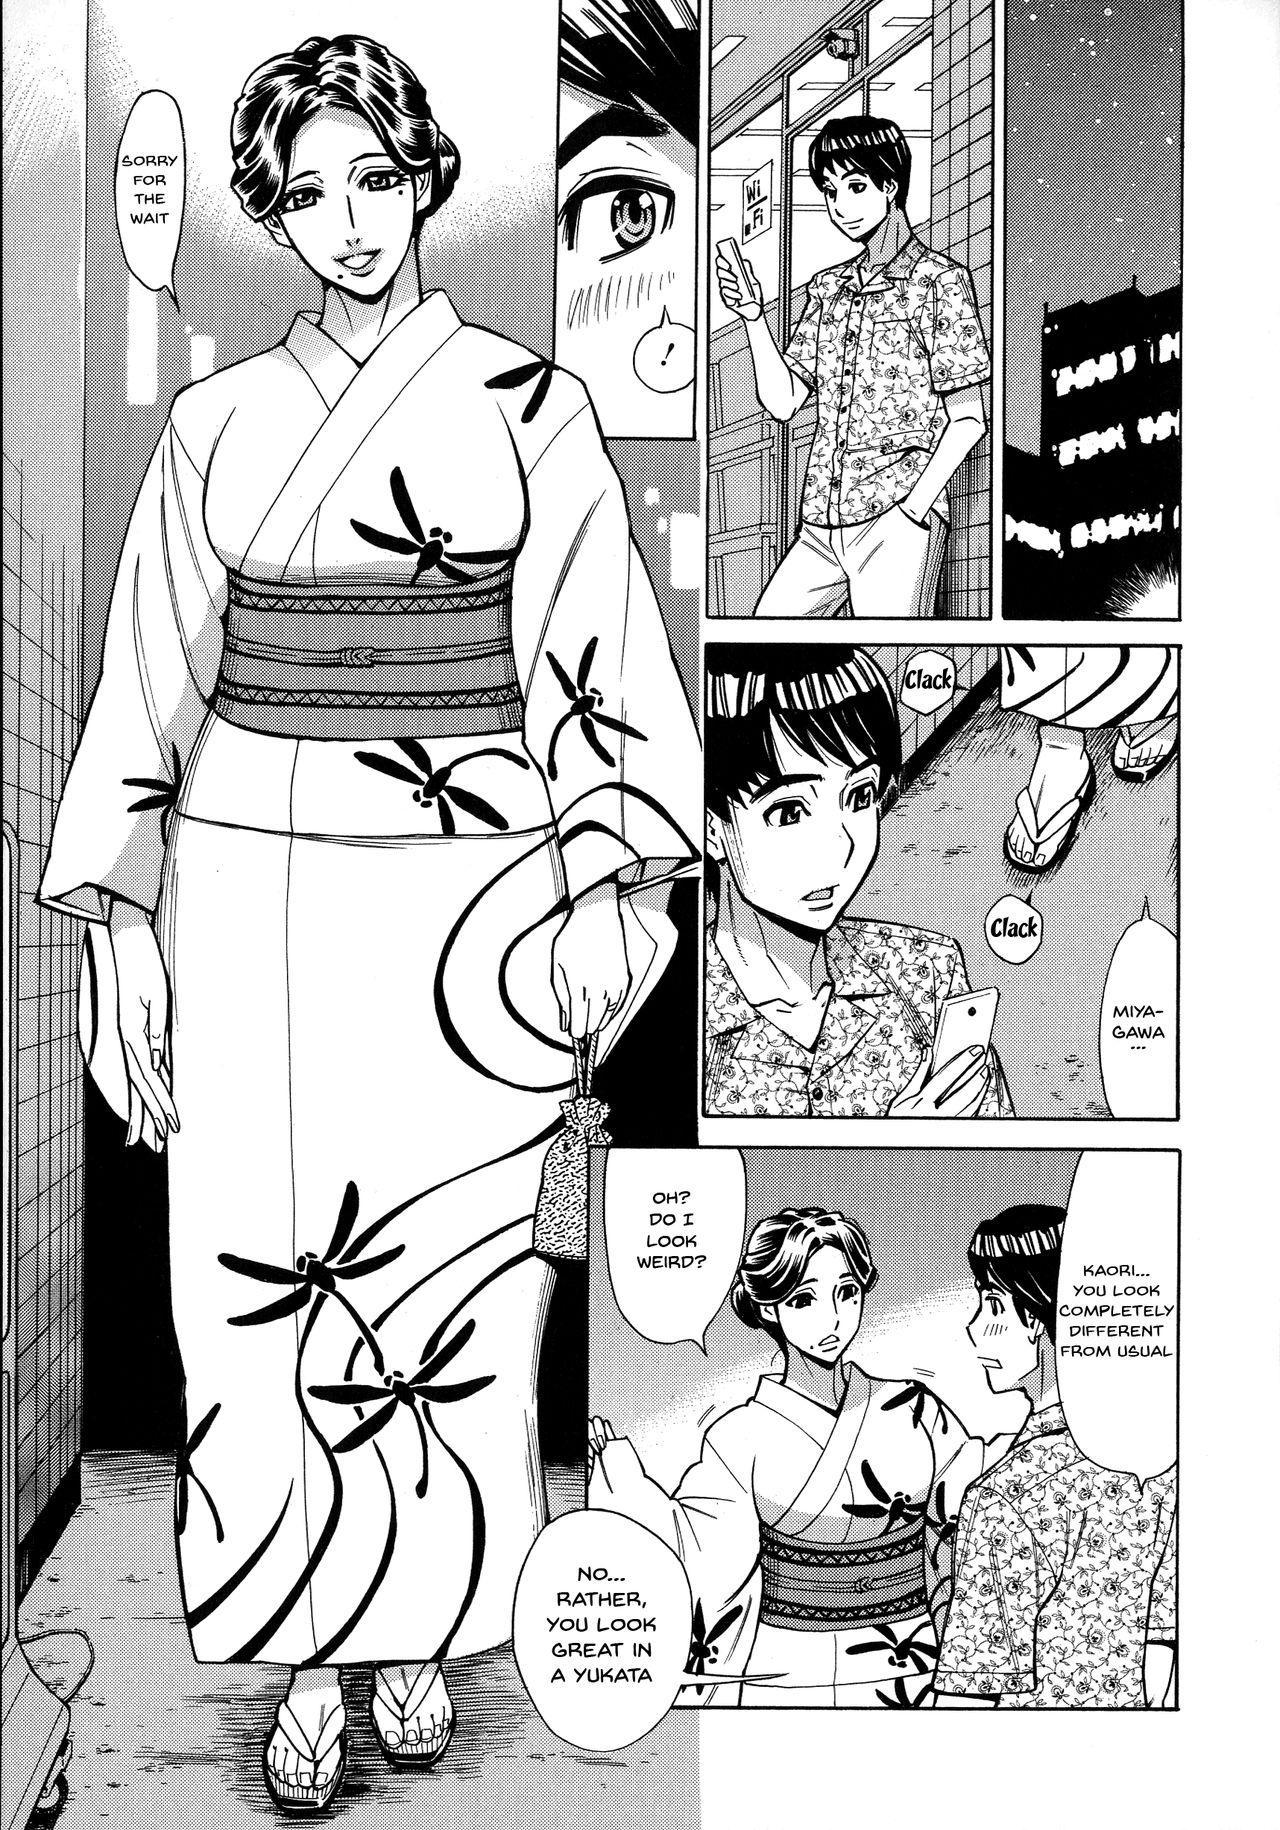 [Makibe Kataru] Hitozuma Koi Hanabi ~Hajimete no Furin ga 3P ni Itaru made~ Ch.1-9 [English] {Doujins.com} 9